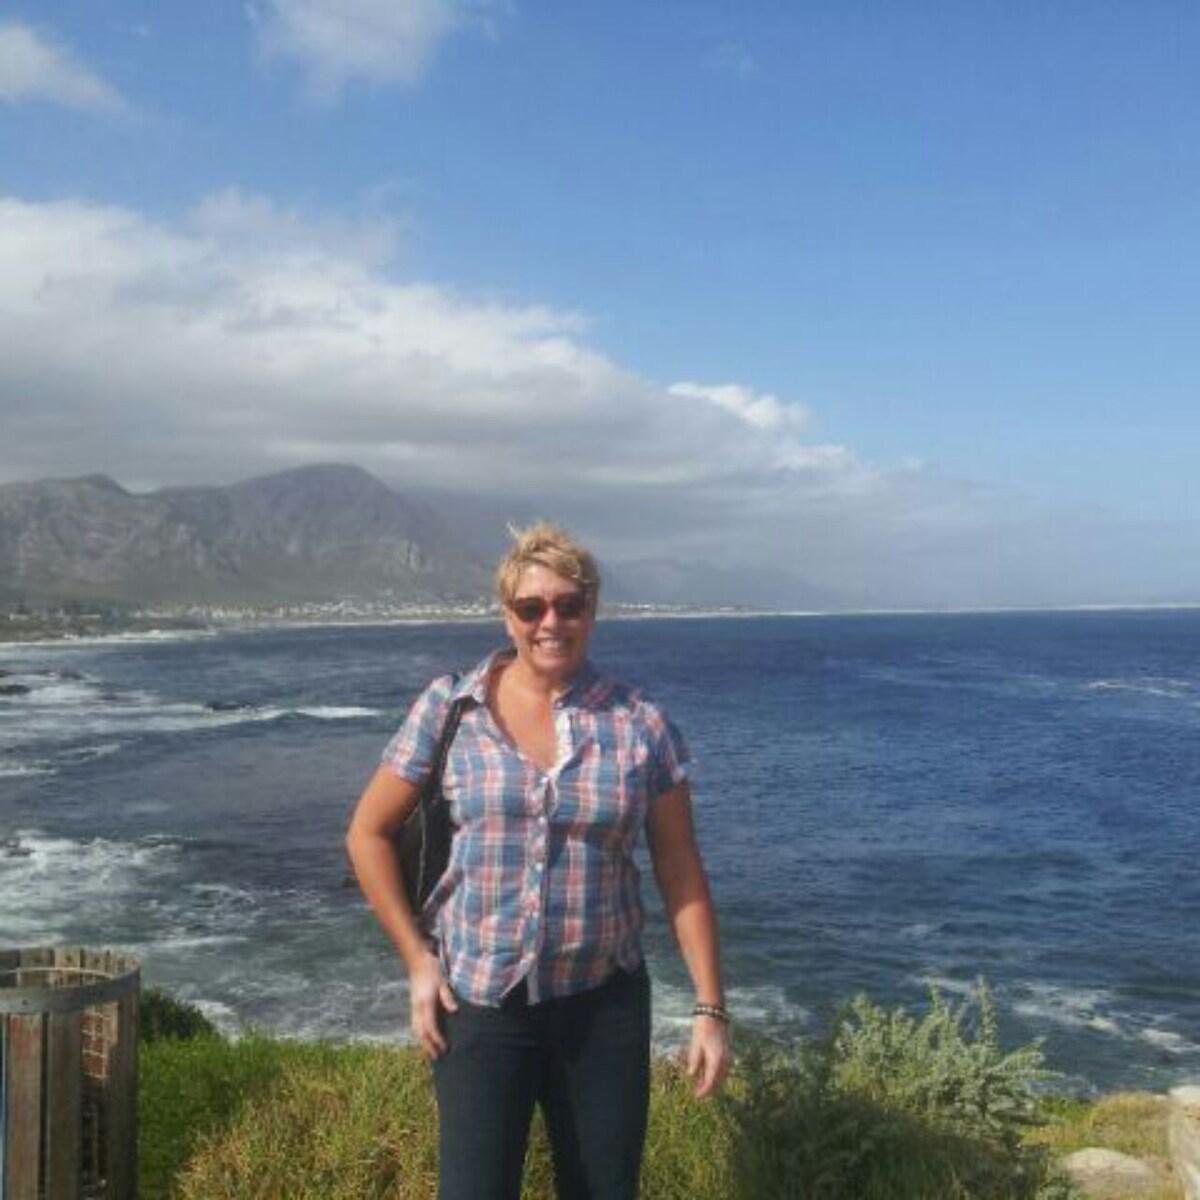 Carolyn From Duras, France